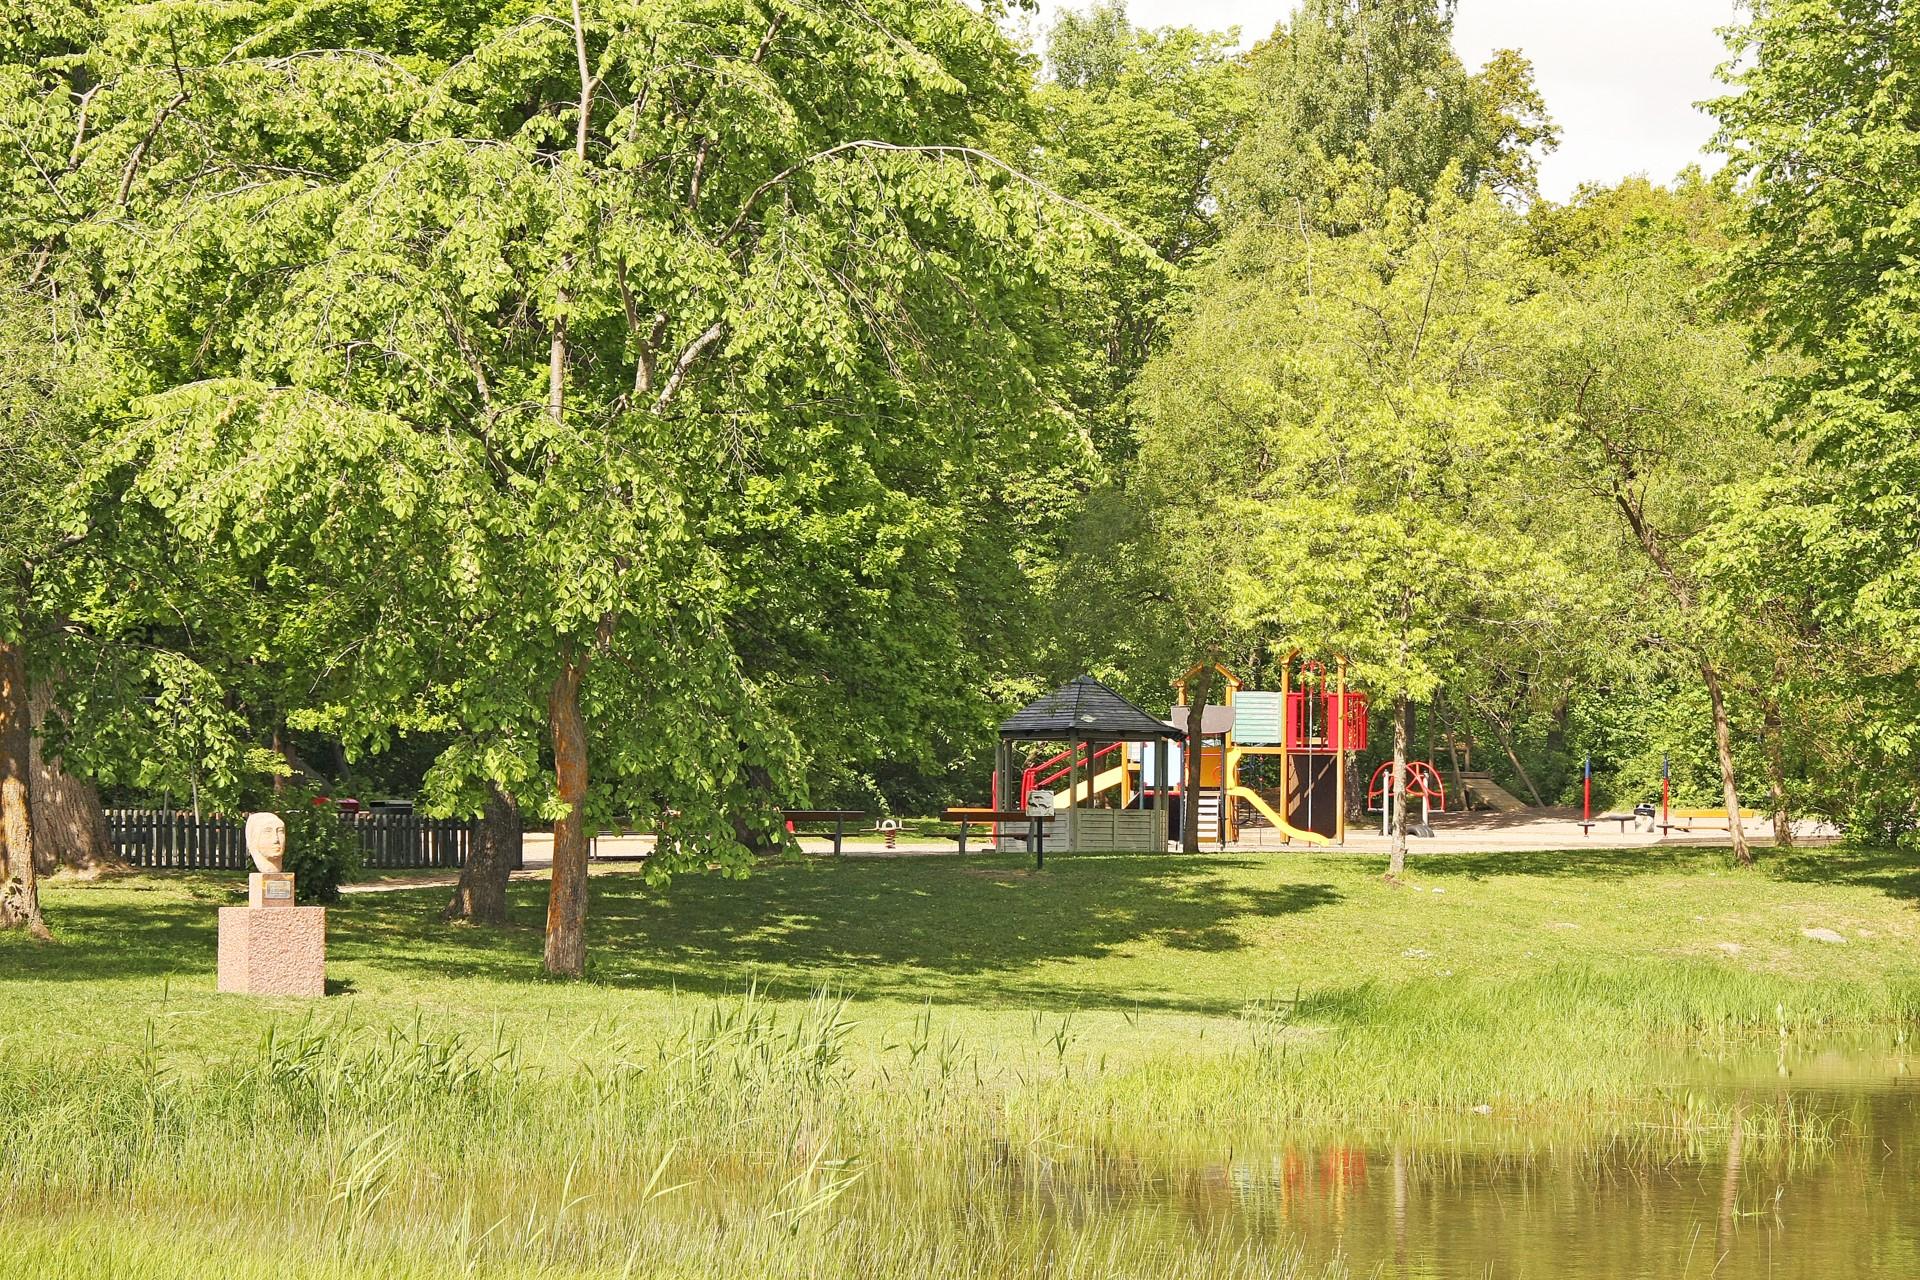 Olovslundsparken med damm och lekplats